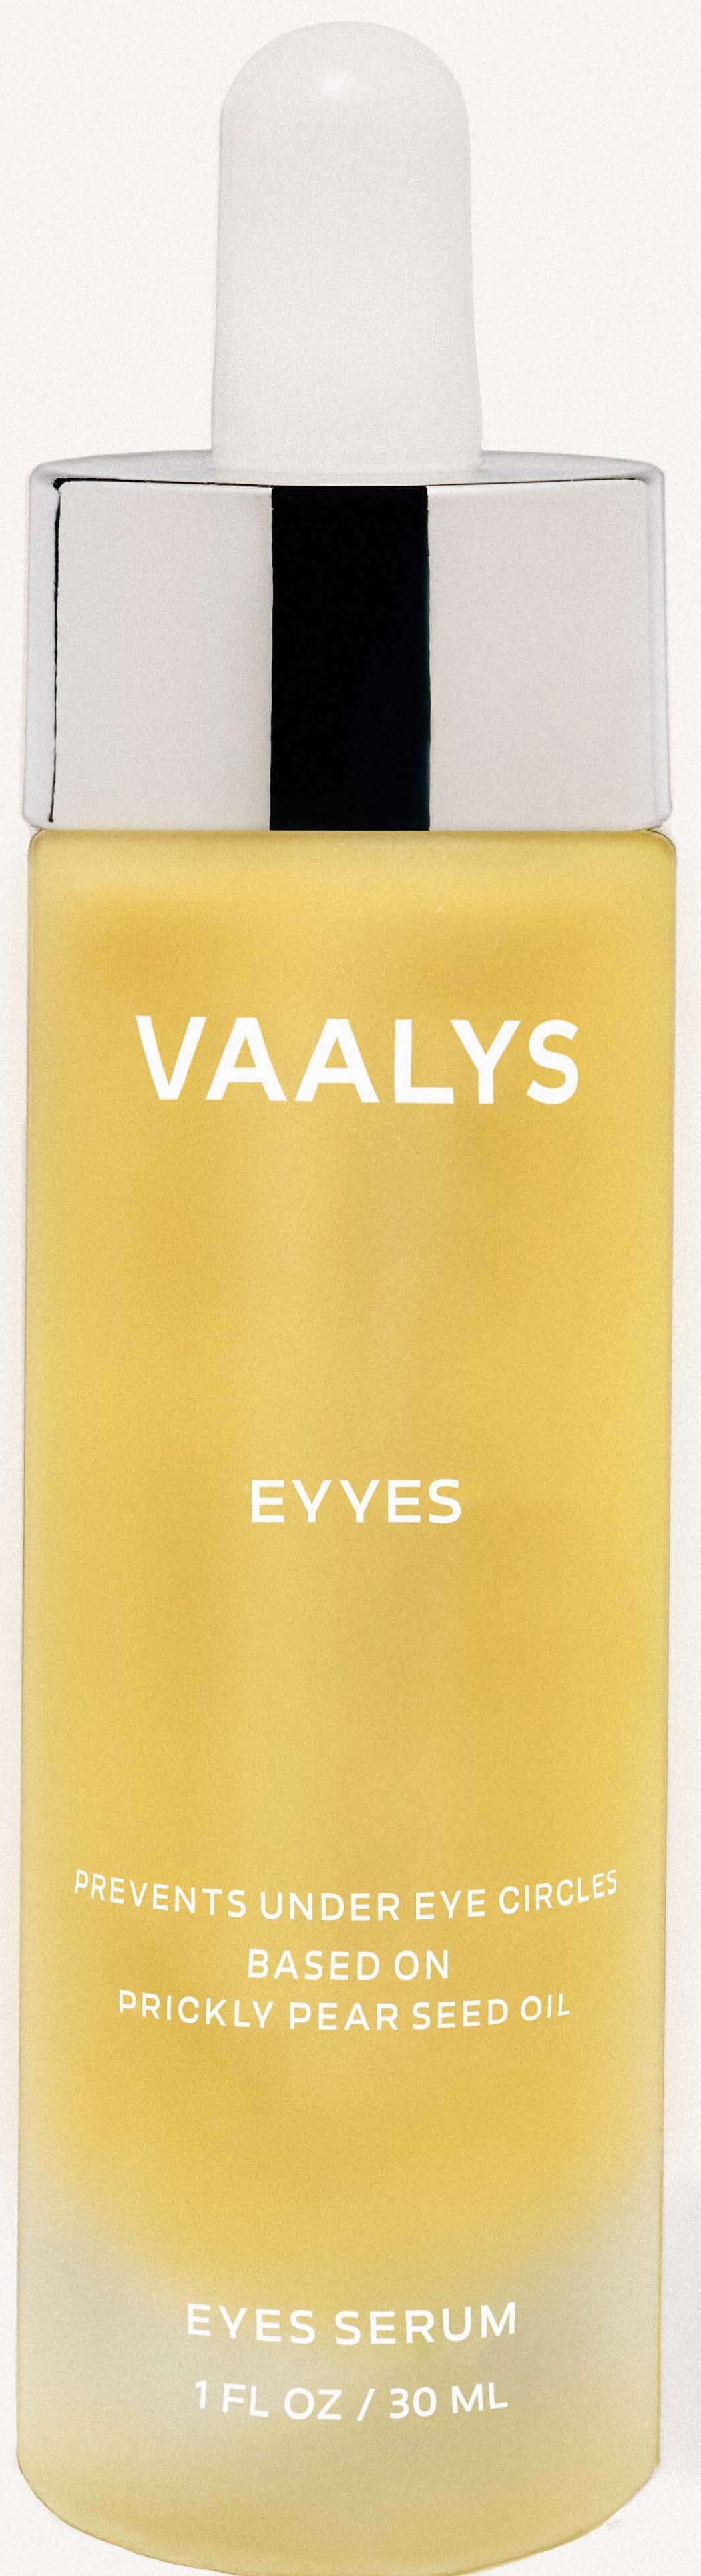 VAALYS Eyyes Eyes Serum